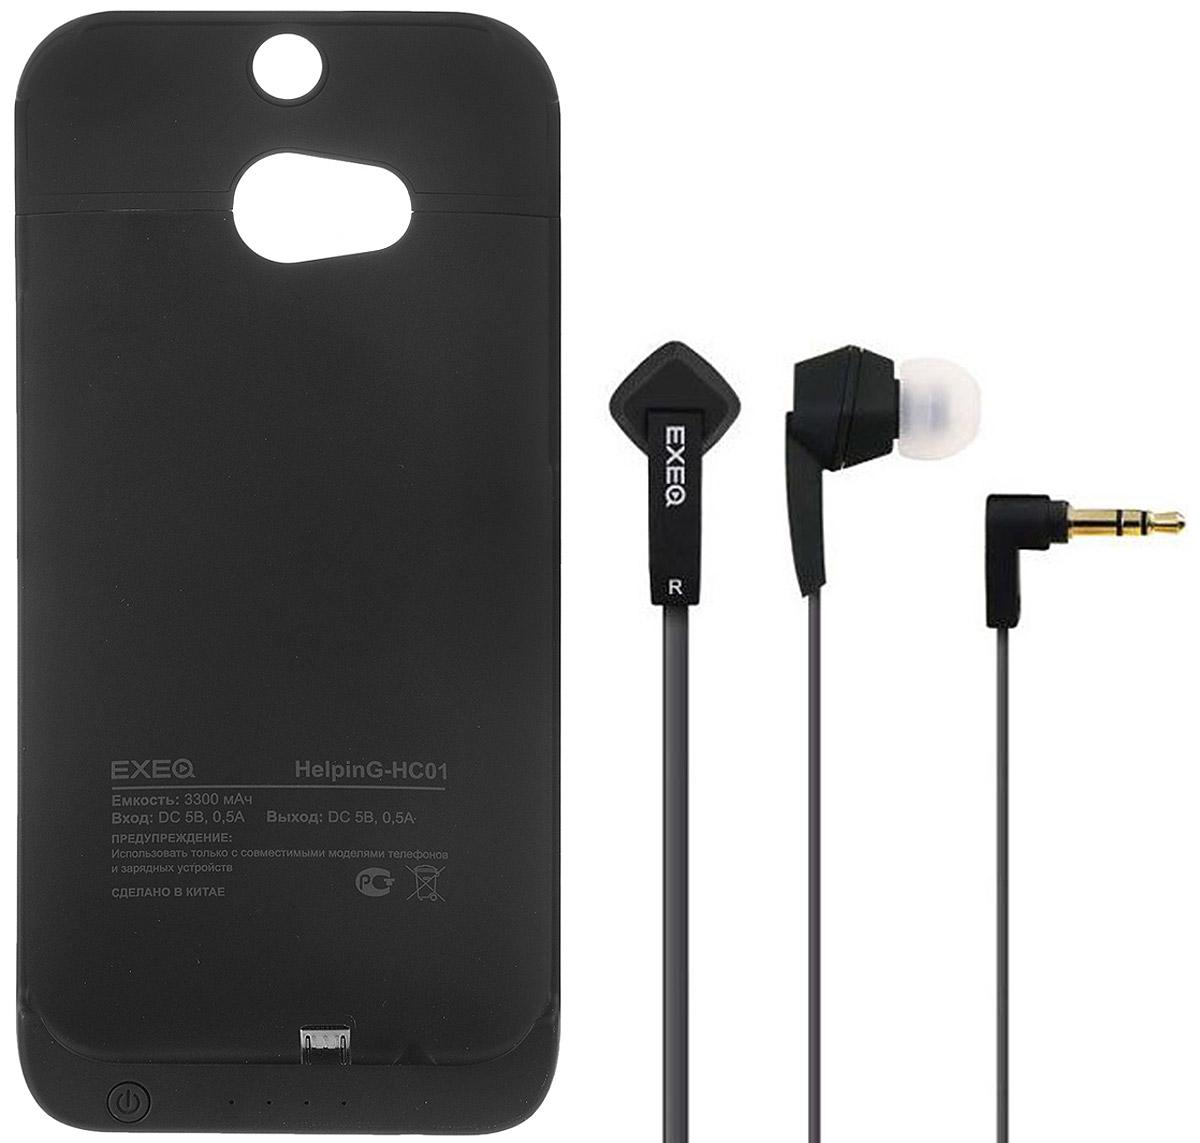 EXEQ HelpinG-HC01 чехол-аккумулятор для HTC One M8, Black (3300 мАч, клип-кейс)HelpinG-HC01 BLЧехол-аккумулятор Exeq HelpinG-HC01 – практичный и стильный аксессуар для смартфона HTC ONE M8! Благодаря специальной конструкции HelpinG-HC01 прекрасно защитит заднюю панель смартфона от загрязнений и царапин, а благодаря встроенному аккумулятору емкостью в 3300 мАч позволит увеличить время работы вашего смартфона в 2 раза! Конструкция чехла-аккумулятора выполнена в миниатюрном форм-факторе – надежная защита задней панели и удачное боковое крепление смартфона в чехле. Благодаря такой конструкции и небольшому весу чехол незначительно увеличит габариты вашего смартфона, но при этом обеспечит его второй батареей.Для зарядки телефона от сети, его совсем не нужно извлекать из чехла EXEQ HelpinG-HC01 - просто подсоедините зарядное устройство от телефона к чехлу и нажмите кнопку питания на чехле - телефон начнет заряжаться. Если кнопку питания не нажимать, то будет происходить зарядка чехла-аккумулятора. Уровень заряда чехла-аккумулятора демонстрируется при помощи четырех индикаторов заряда. Также для удобного использования телефона, чехол оборудован встроенной подставкой, которая позволит надежно закрепить телефон в горизонтальном положении, например для просмотра видео, чтения электронных книг.В комплект также входят высококачественные наушники Exeq HPC-002 с плоским кабелем с защитой от спутывания. Для блокировки нежелательных шумов в комплекте с наушниками поставляются мягкие силиконовые амбушюры 3-х размеров, которые удобно помещаются в ушах и не оказывают давления на ушную раковину. Прочный L-образный штекер с позолоченным коннектором 3,5 мм позволит комфортно подключить Exeq HPC-002 ко многим портативным устройствам.Технические характеристики Exeq HPC-002:Частотный диапазон: 19-20000 ГцДинамики: 10 ммЧувствительность: 105 дБИмпеданс: 16 ОмДлина кабеля: 1,3 м